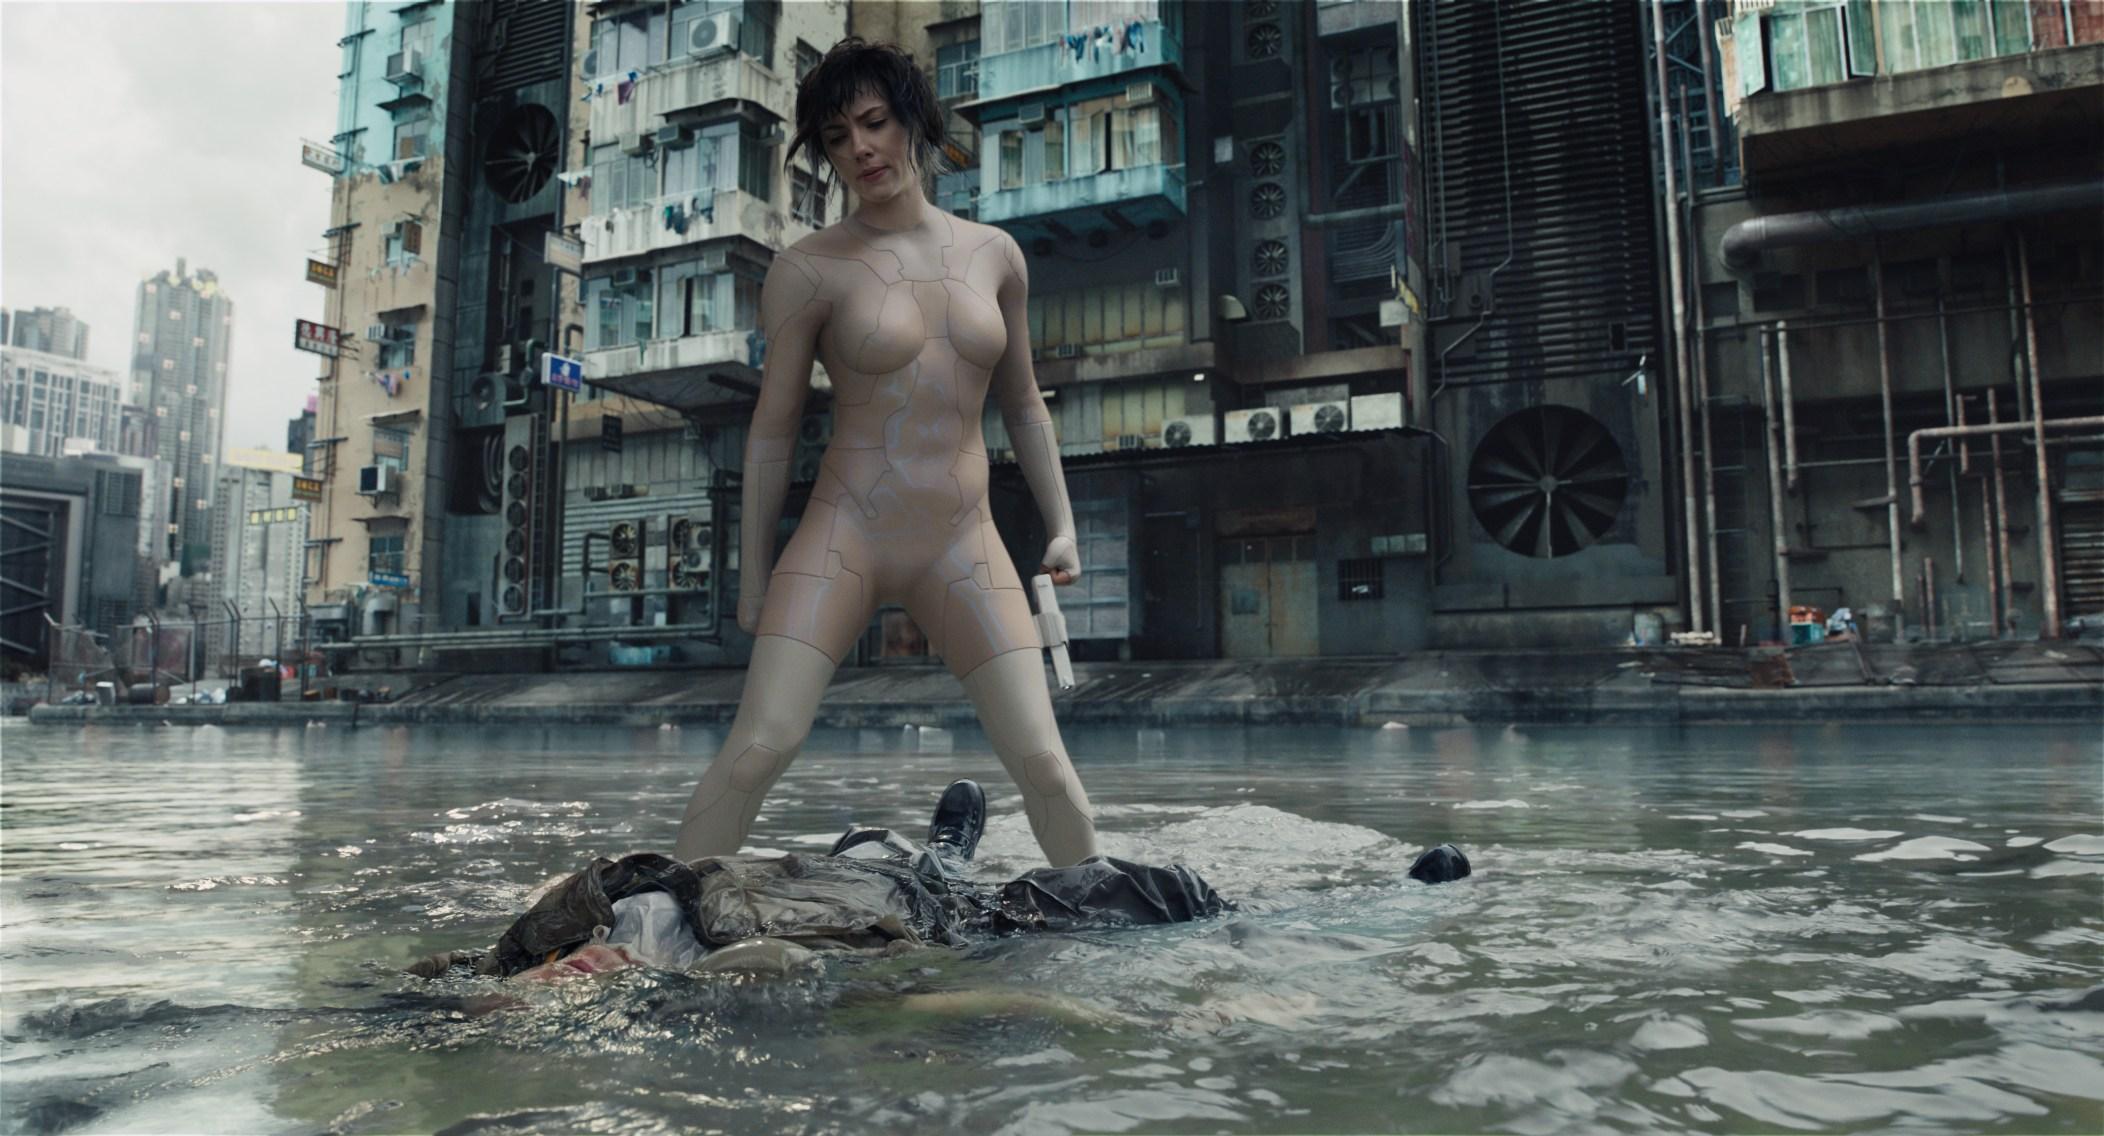 #羞羞看电影#上映三天狂揽1亿5000万,寡姐全裸能否再创神作?